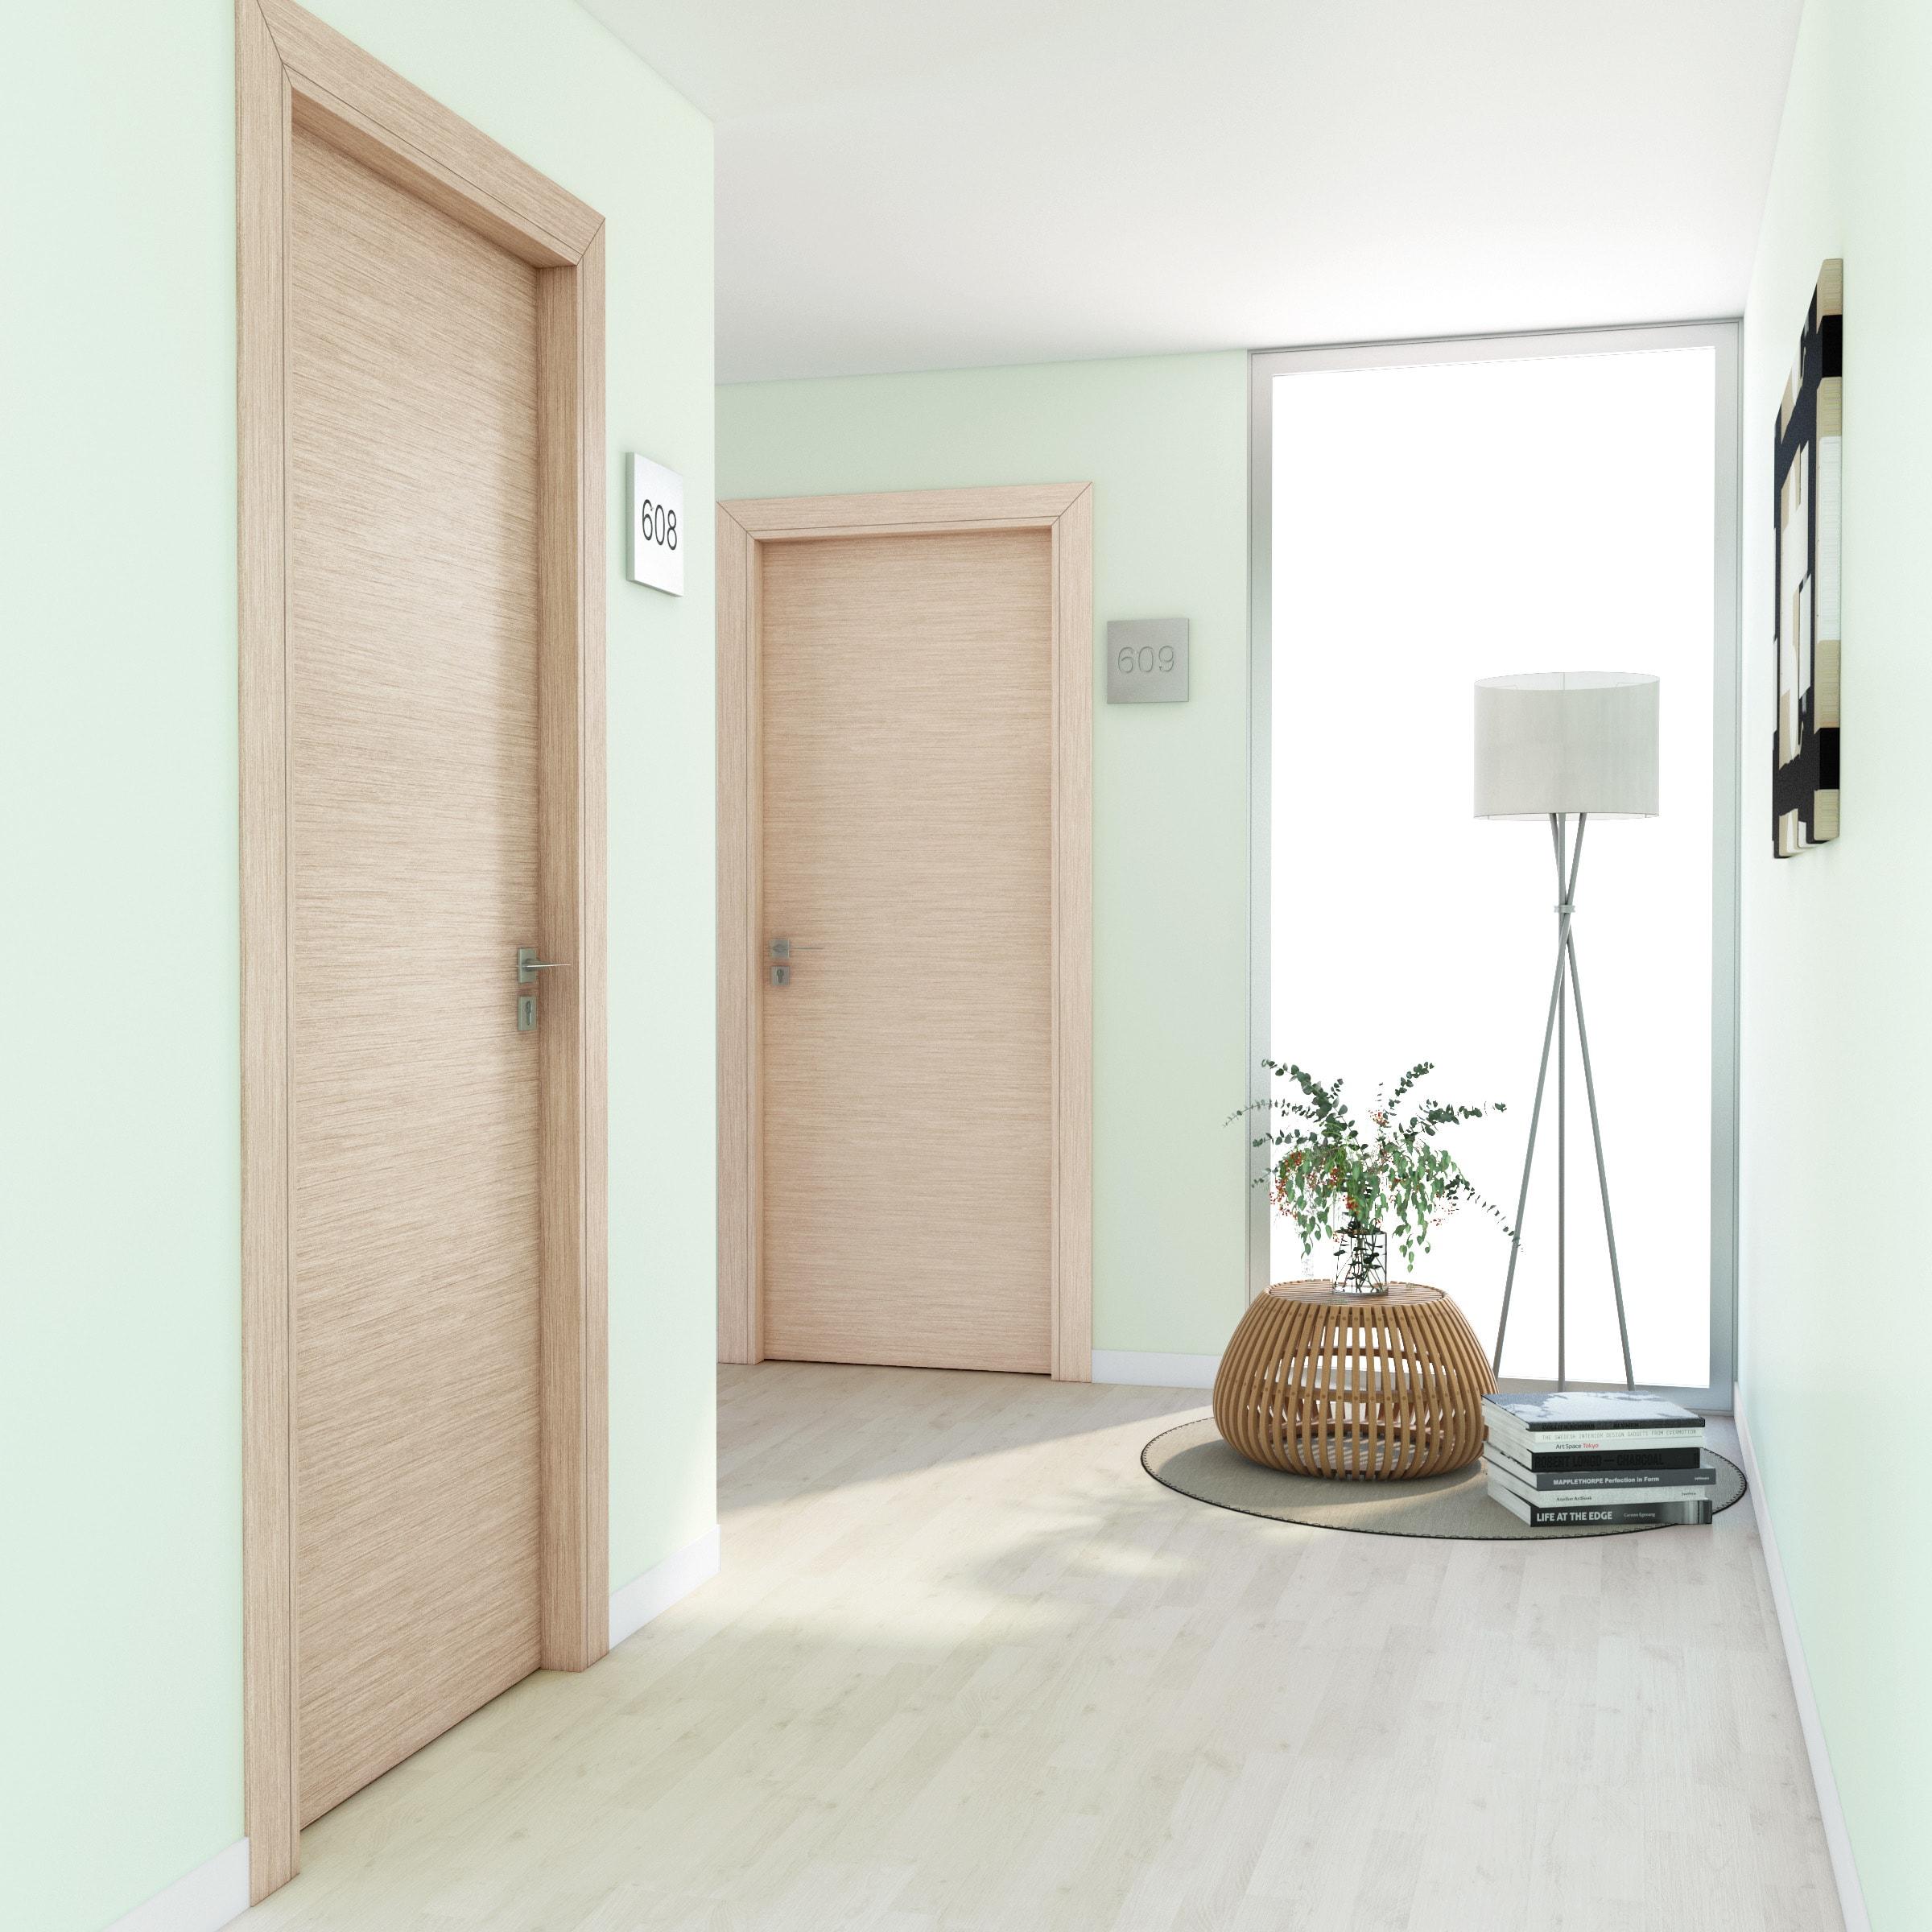 Porte Rovere Sbiancato Spazzolato porta a battente per hotel radisson oak rovere sbiancato l 80 x h 210 cm  destra